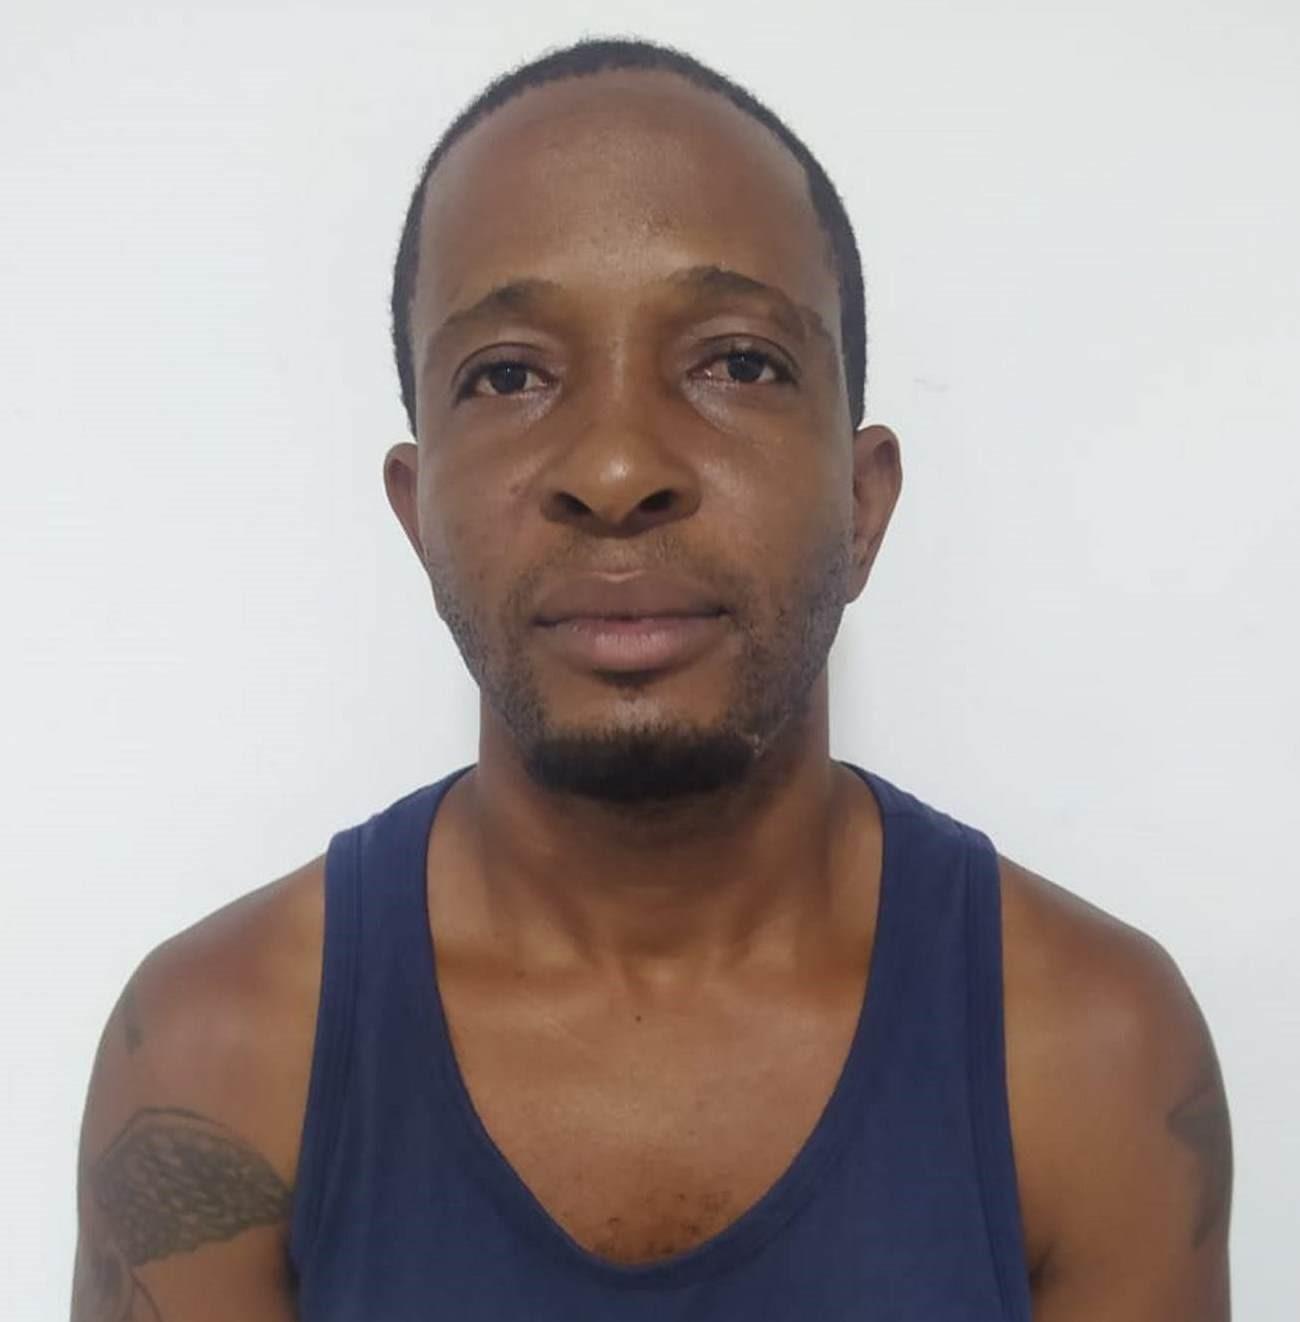 https://www.notasrosas.com/Por Homicidio Agravado y Hurto Calificado, capturado hombre en La Jagüa De Ibirico - Cesar